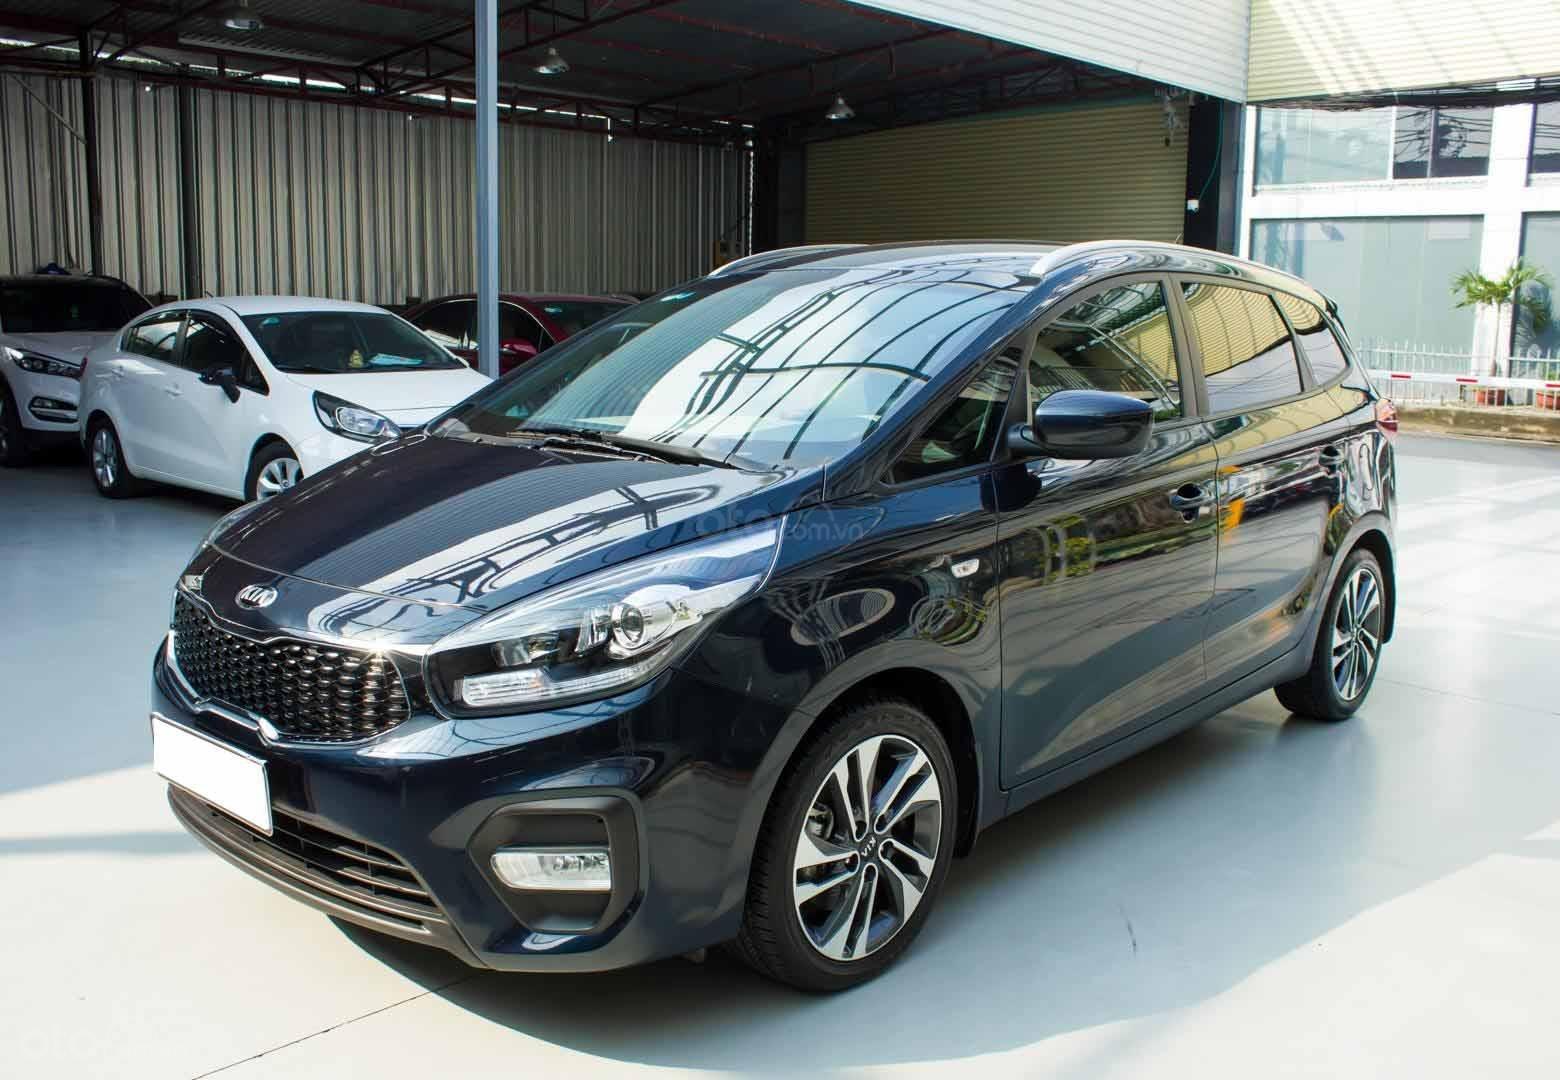 Bán xe Kia Rondo số sàn, màu xanh dương, một chủ cực đẹp mới như xe hãng (3)